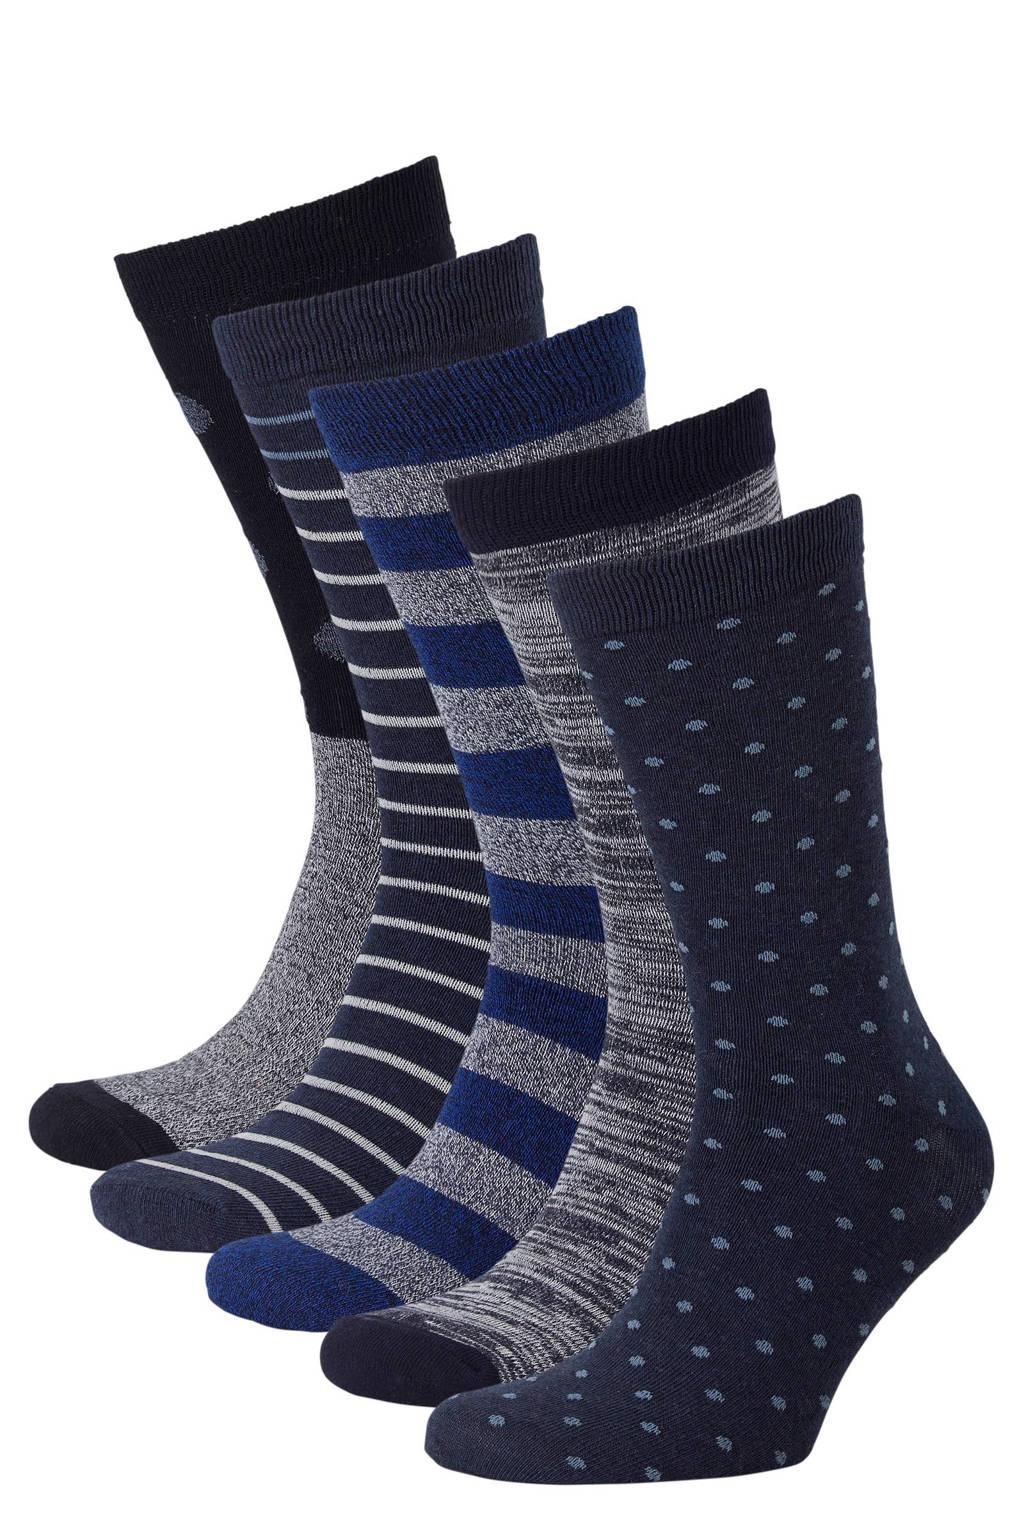 Apollo sokken (5 paar), Navy